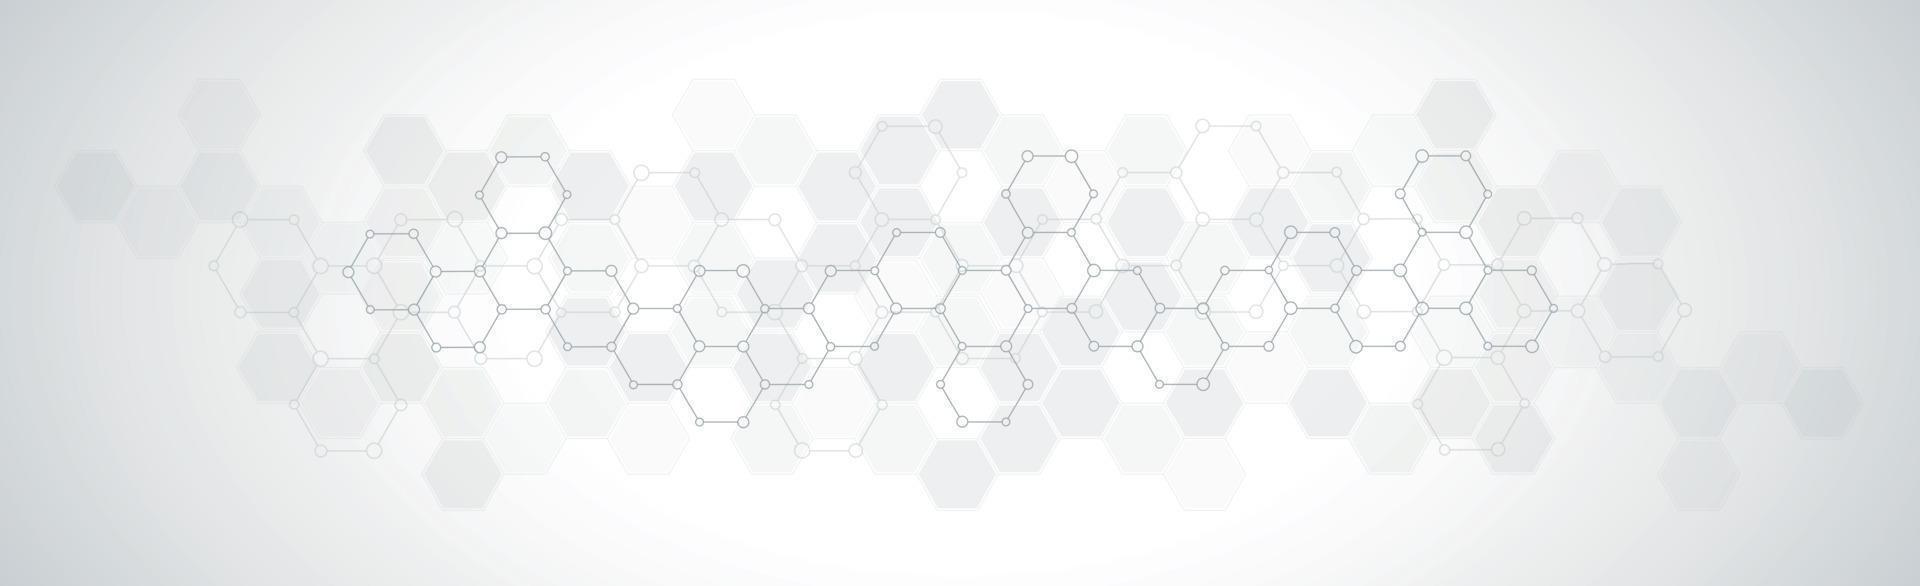 hexagoner på grå vit bakgrund - vektorillustration vektor